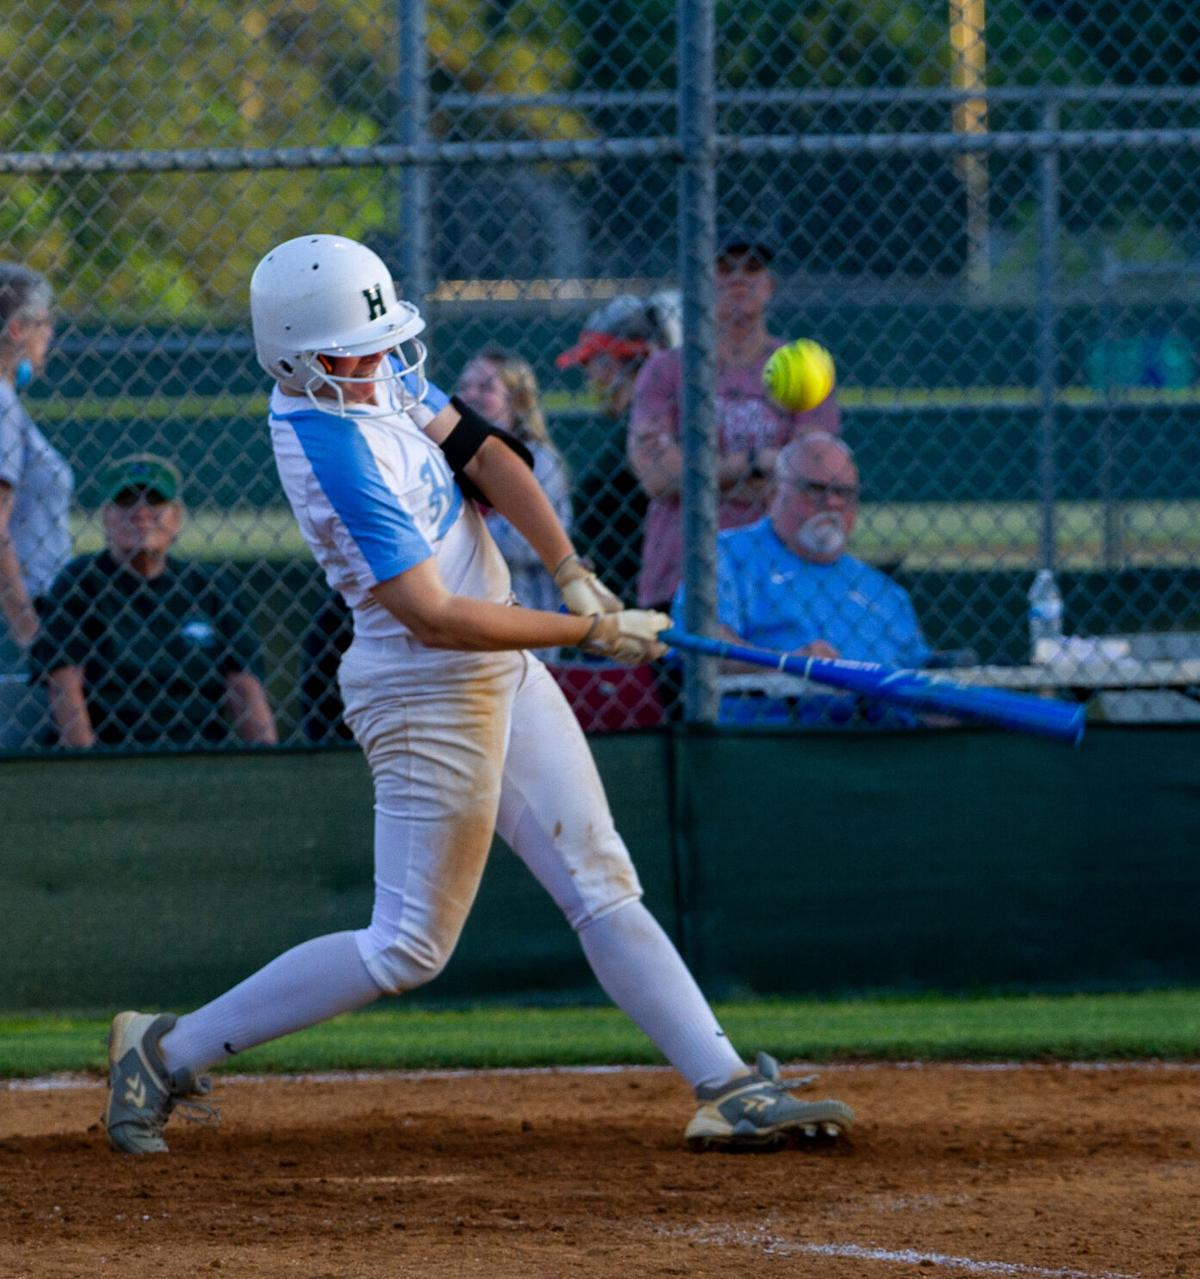 Atlee at Hanover softball: Parrish bloops a single